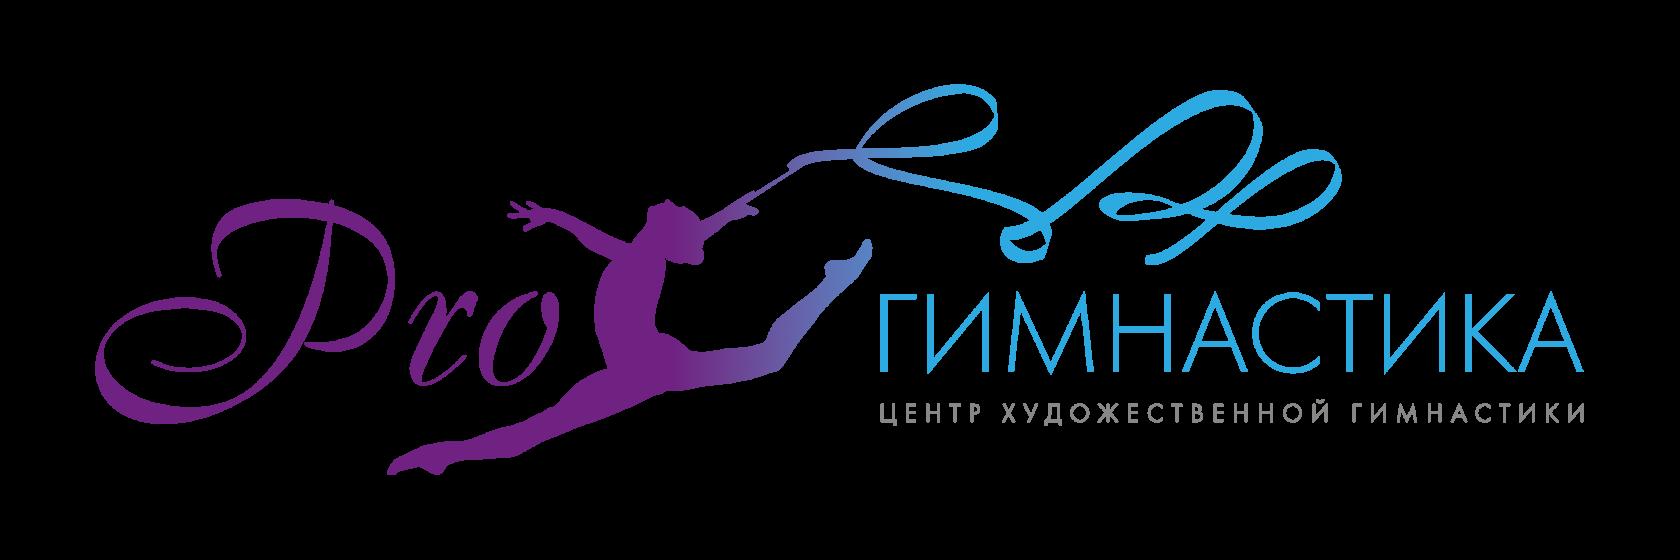 Pro Гимнастика, центр художественной гимнастики